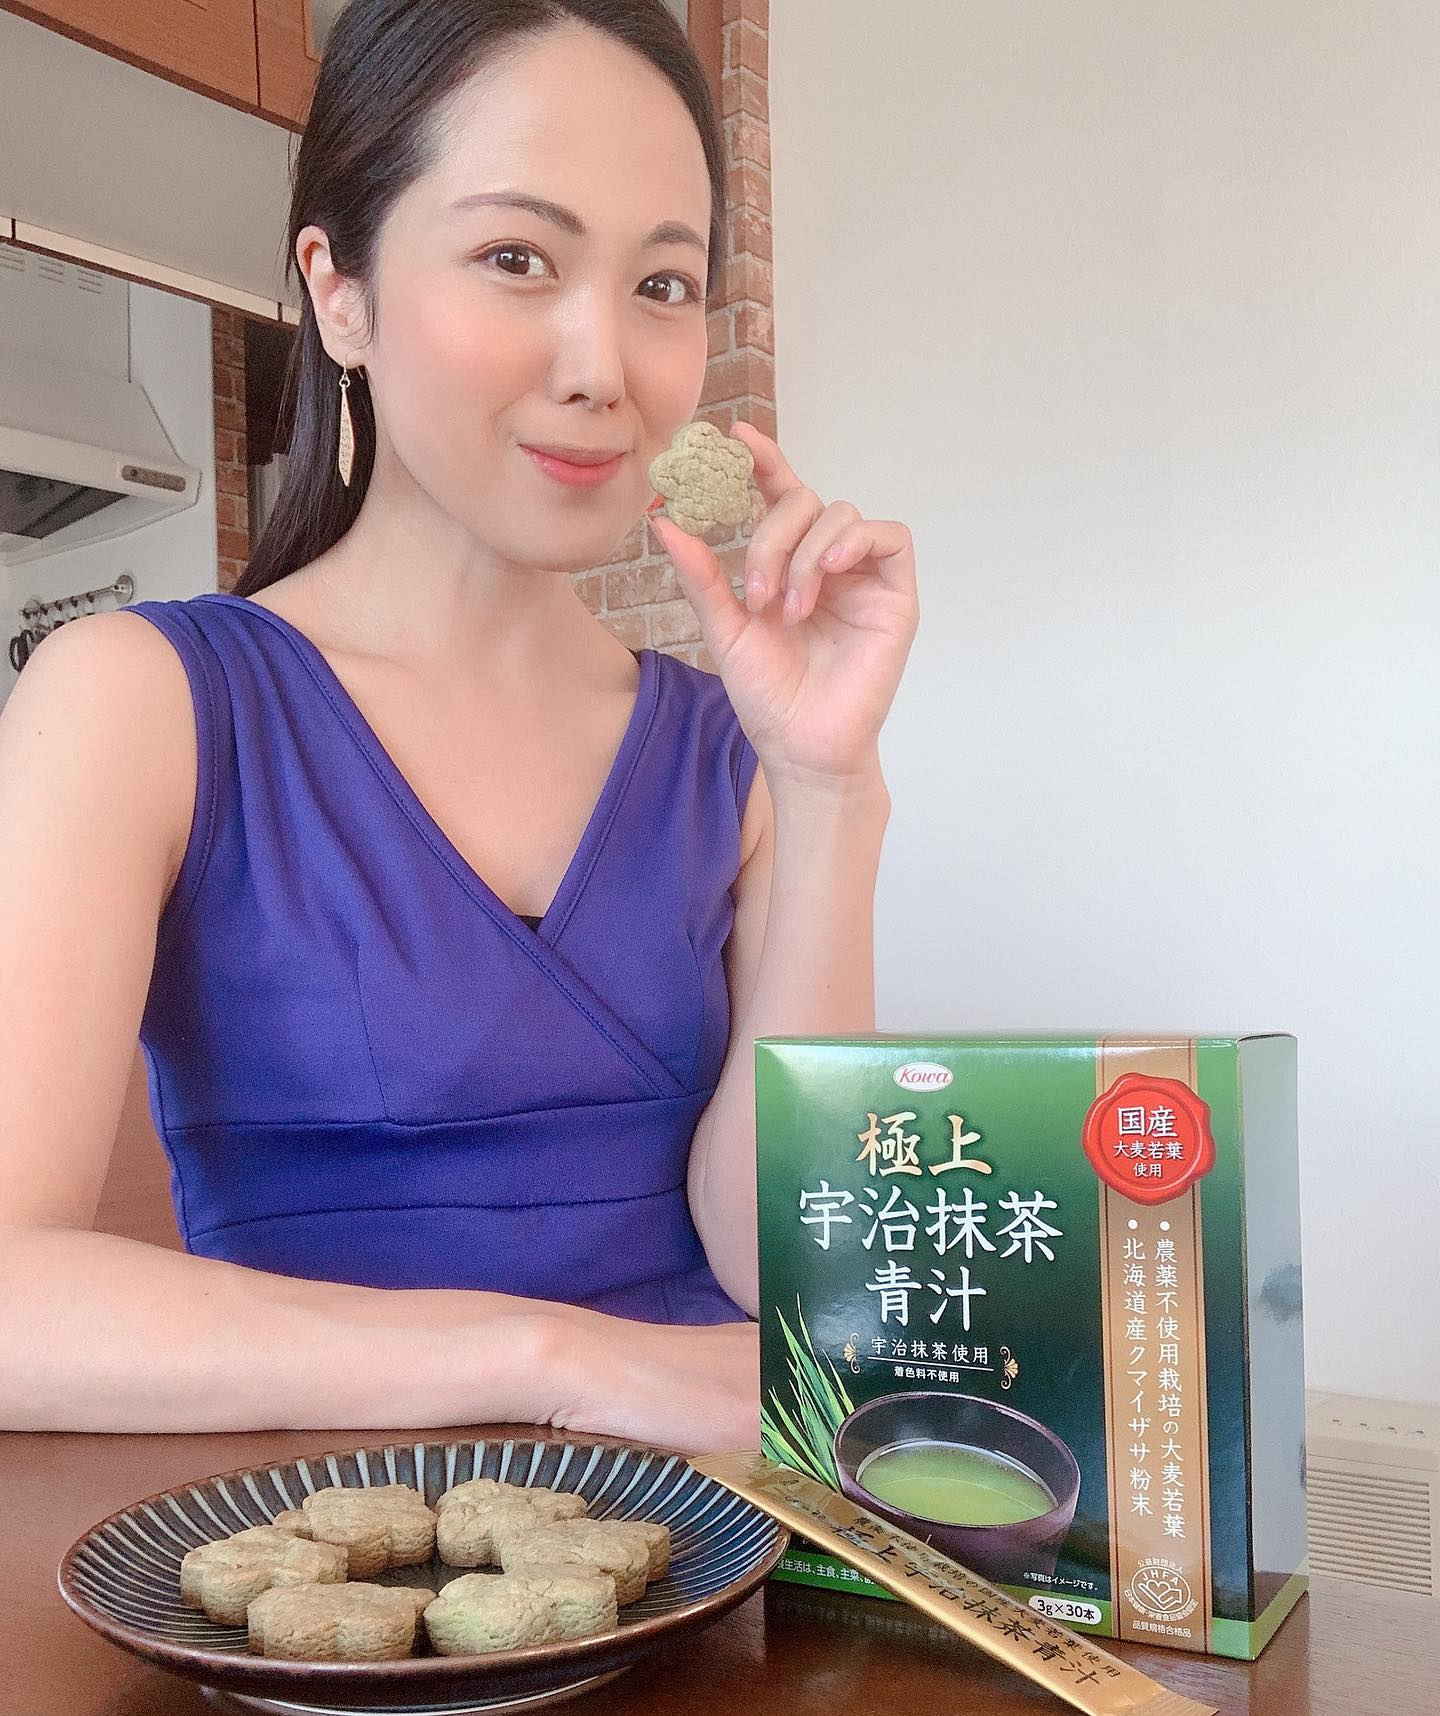 口コミ投稿:極上✨✨宇治抹茶青汁 🍵昔からずっと飲んでいる青汁。健康のために1日1本。100mLの水ま…